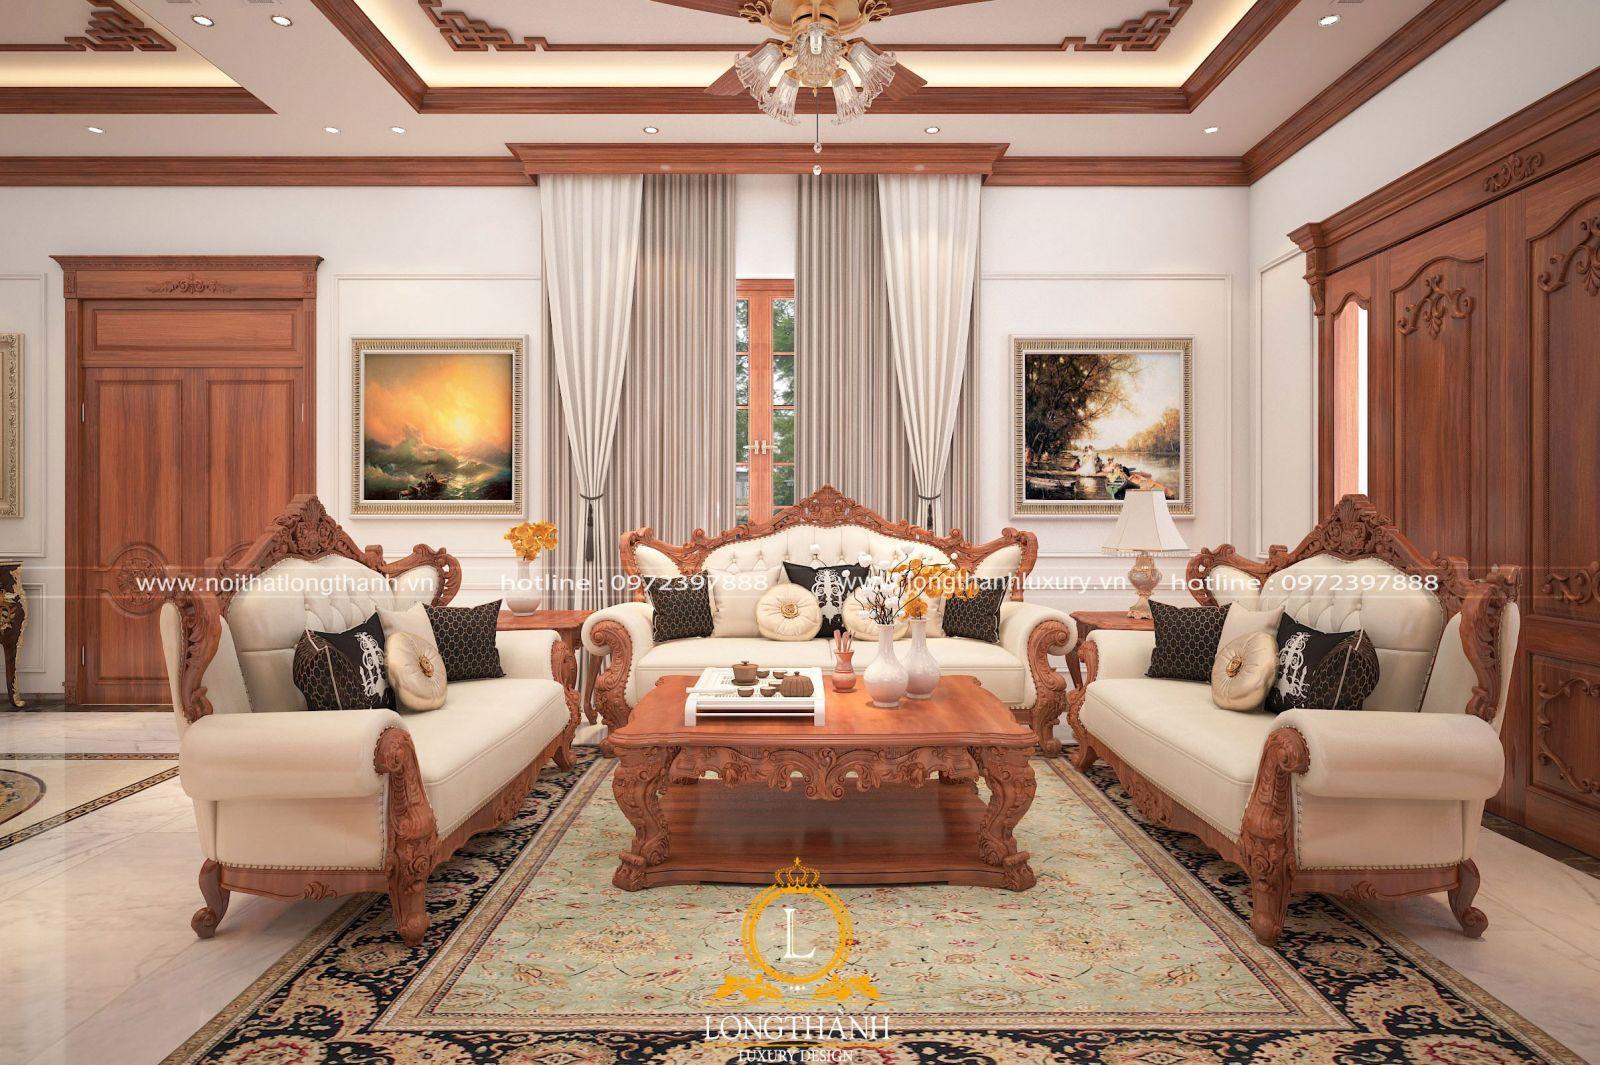 Thiết kế nội thất phong cách tân cổ điển nhà phố đầy ấn tượng